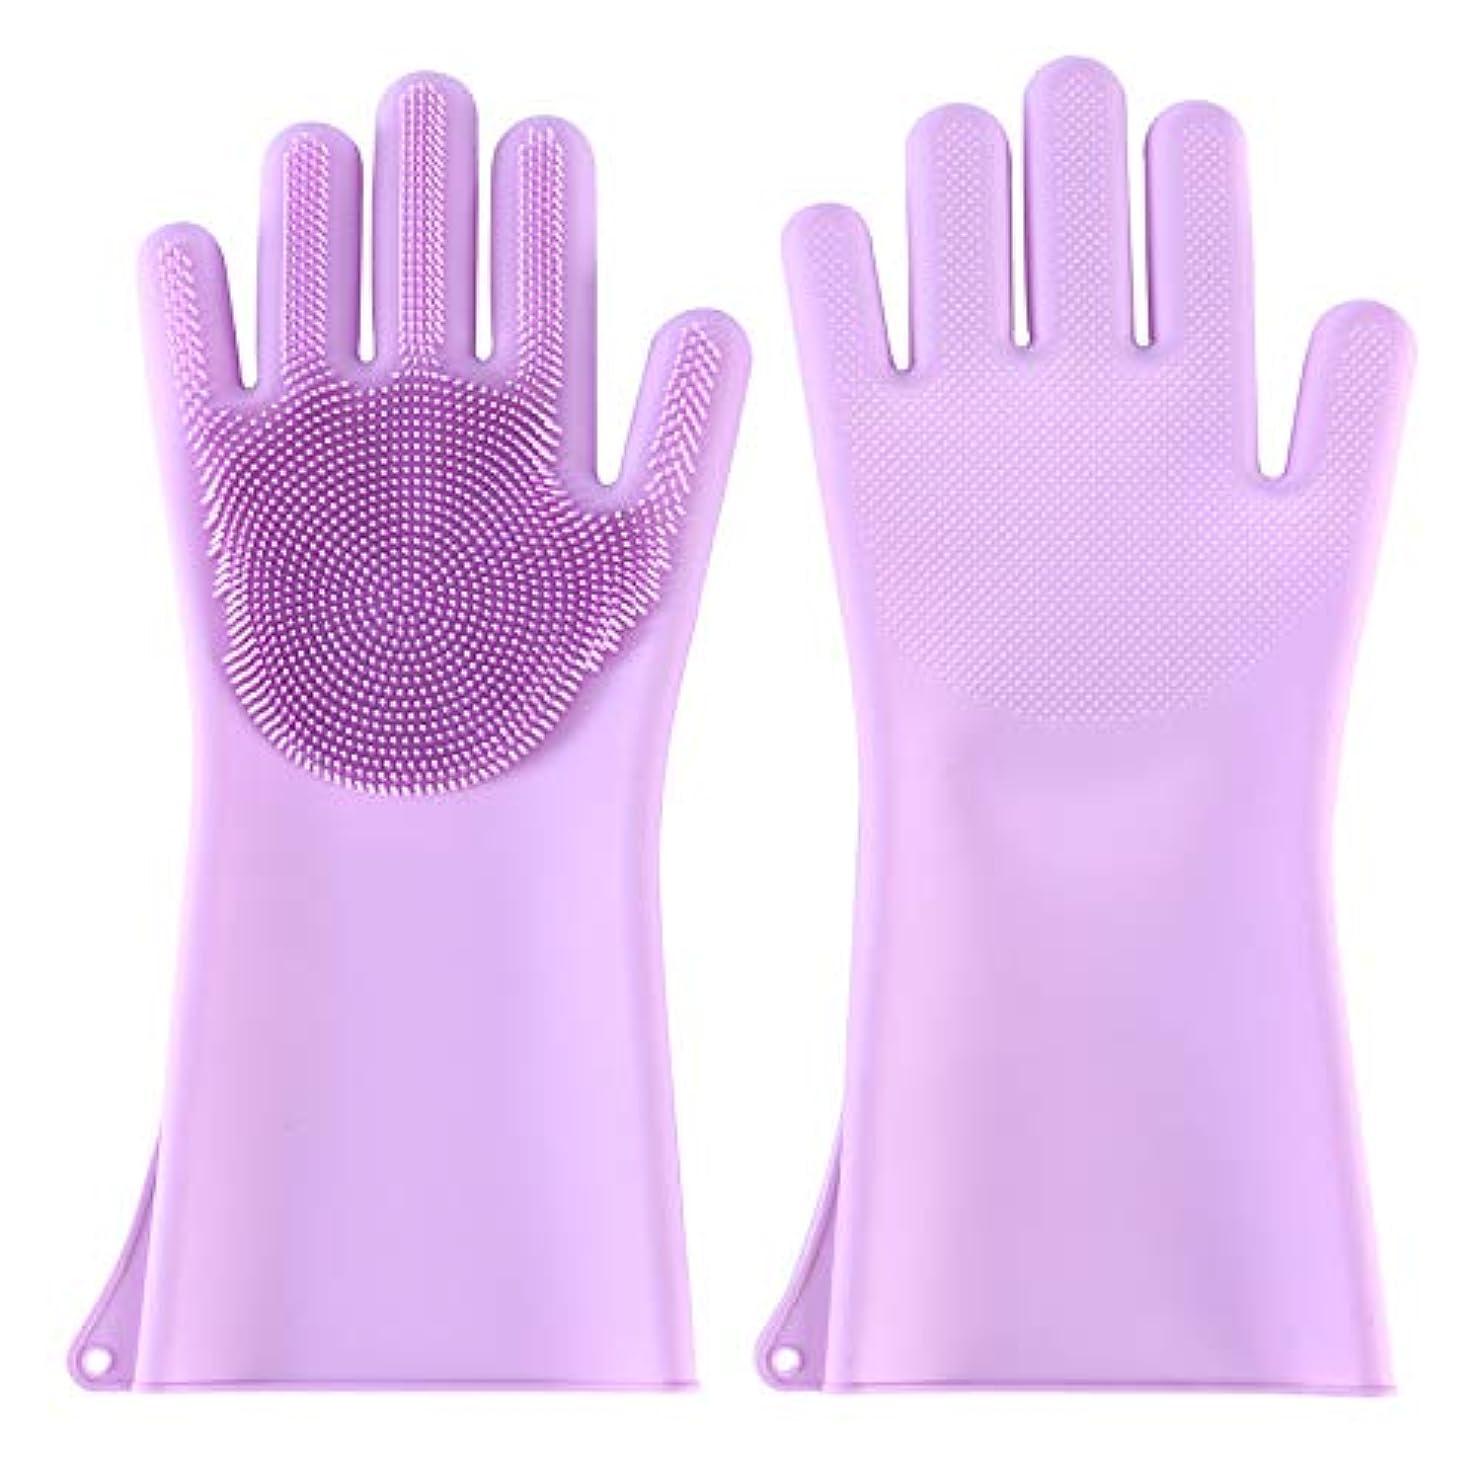 余裕があるコーンウォールあそこBTXXYJP ペット ブラシ 手袋 猫 ブラシ グローブ 耐摩耗 クリーナー 抜け毛取り マッサージブラシ 犬 グローブ お手入れ (Color : Purple)